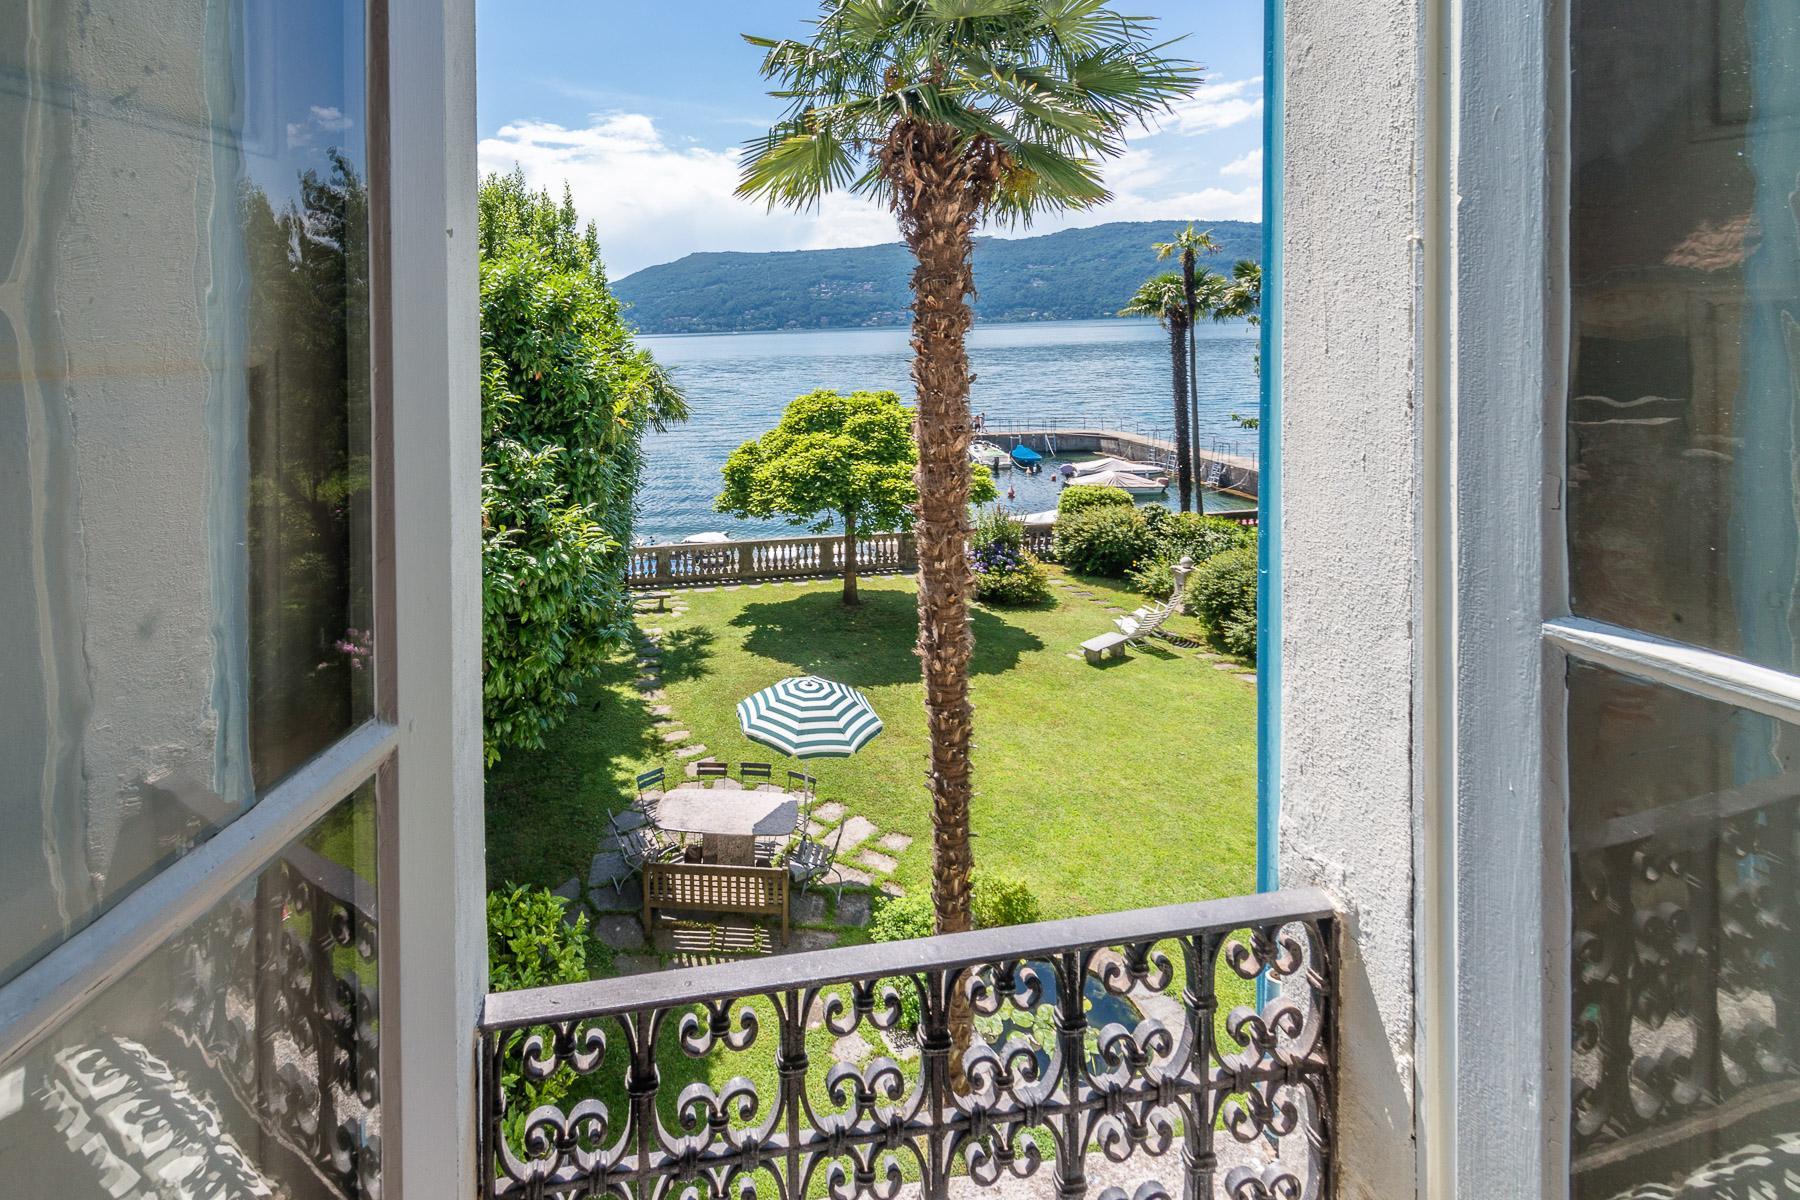 Casa storica direttamente sul lago Maggiore - 37